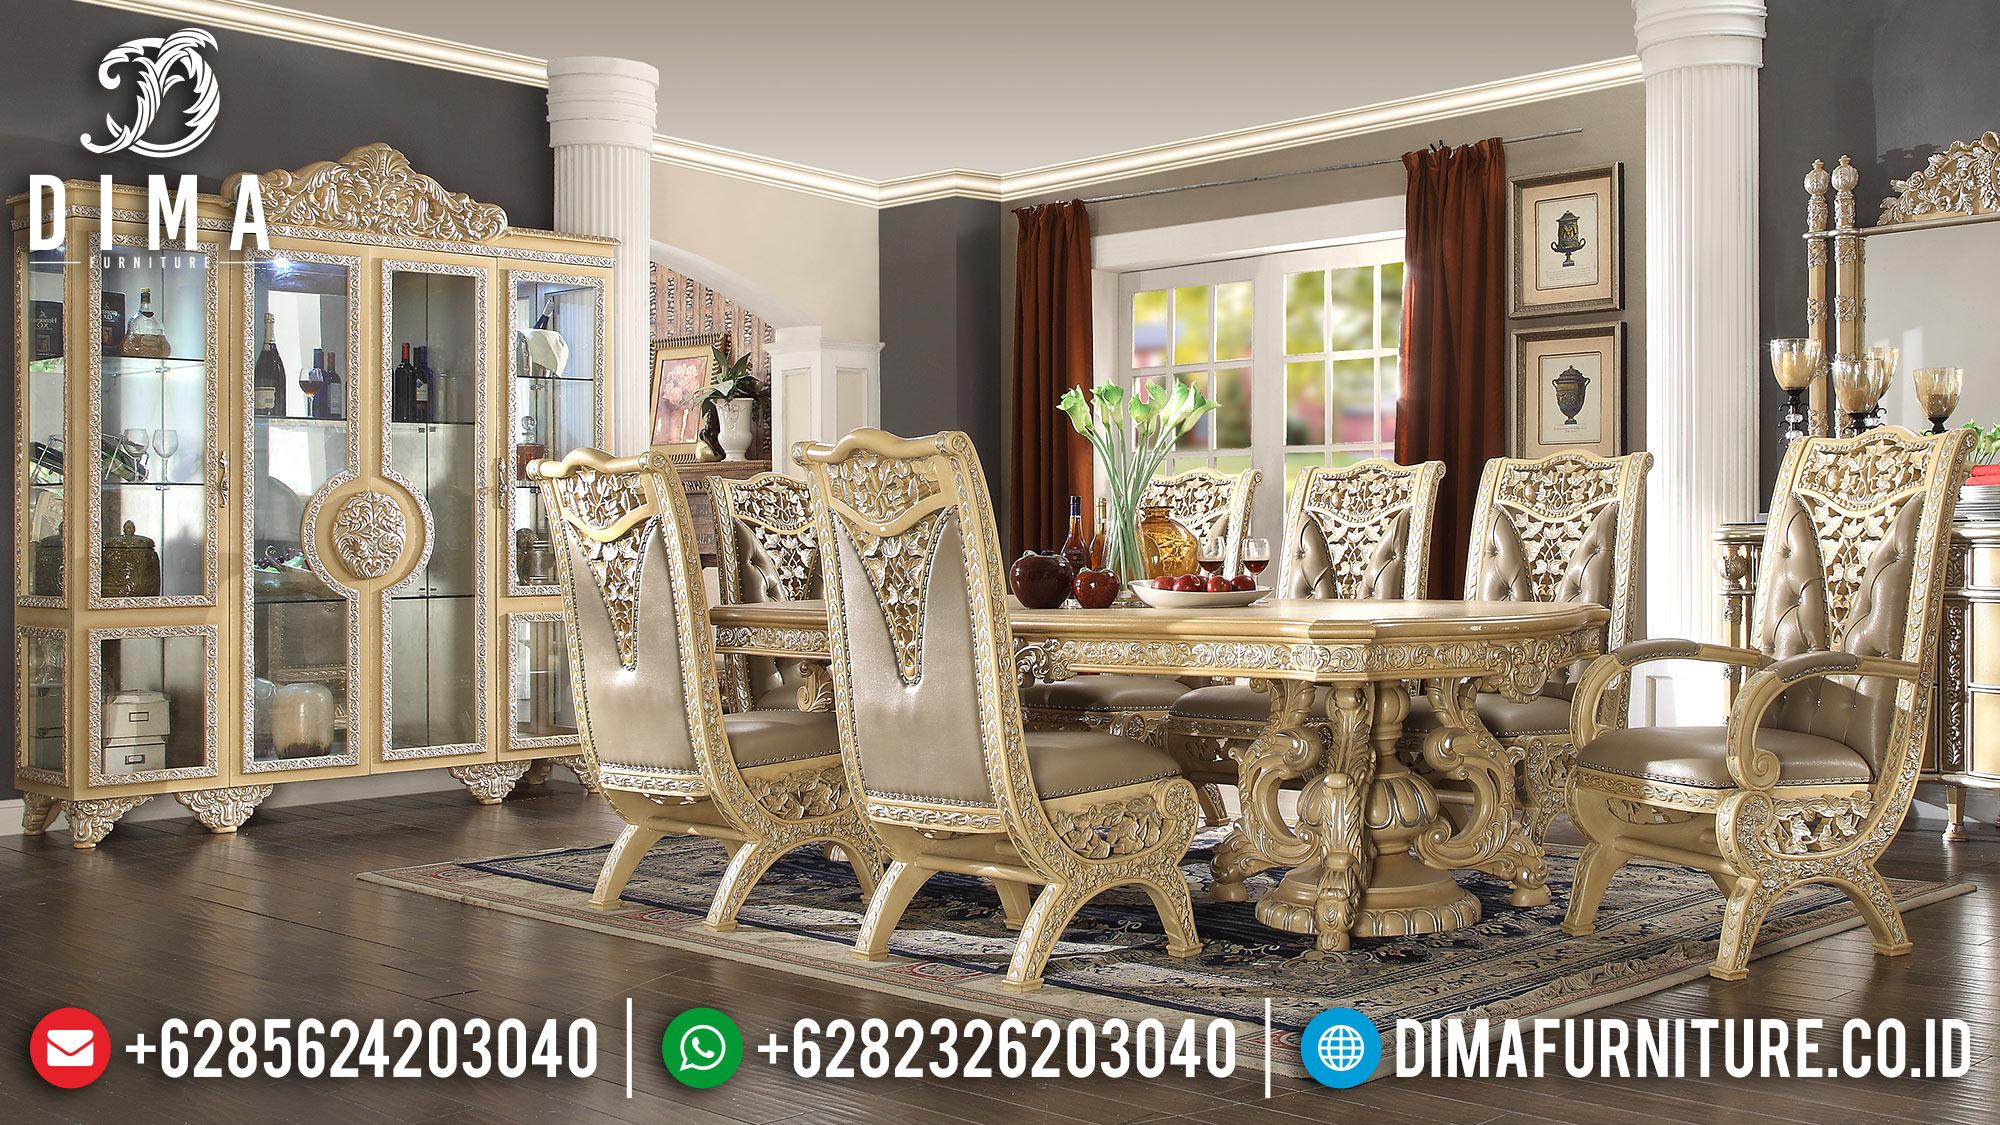 Meja Makan Mewah Jepara Terbaru 2018 16 Dima Furniture Jepara